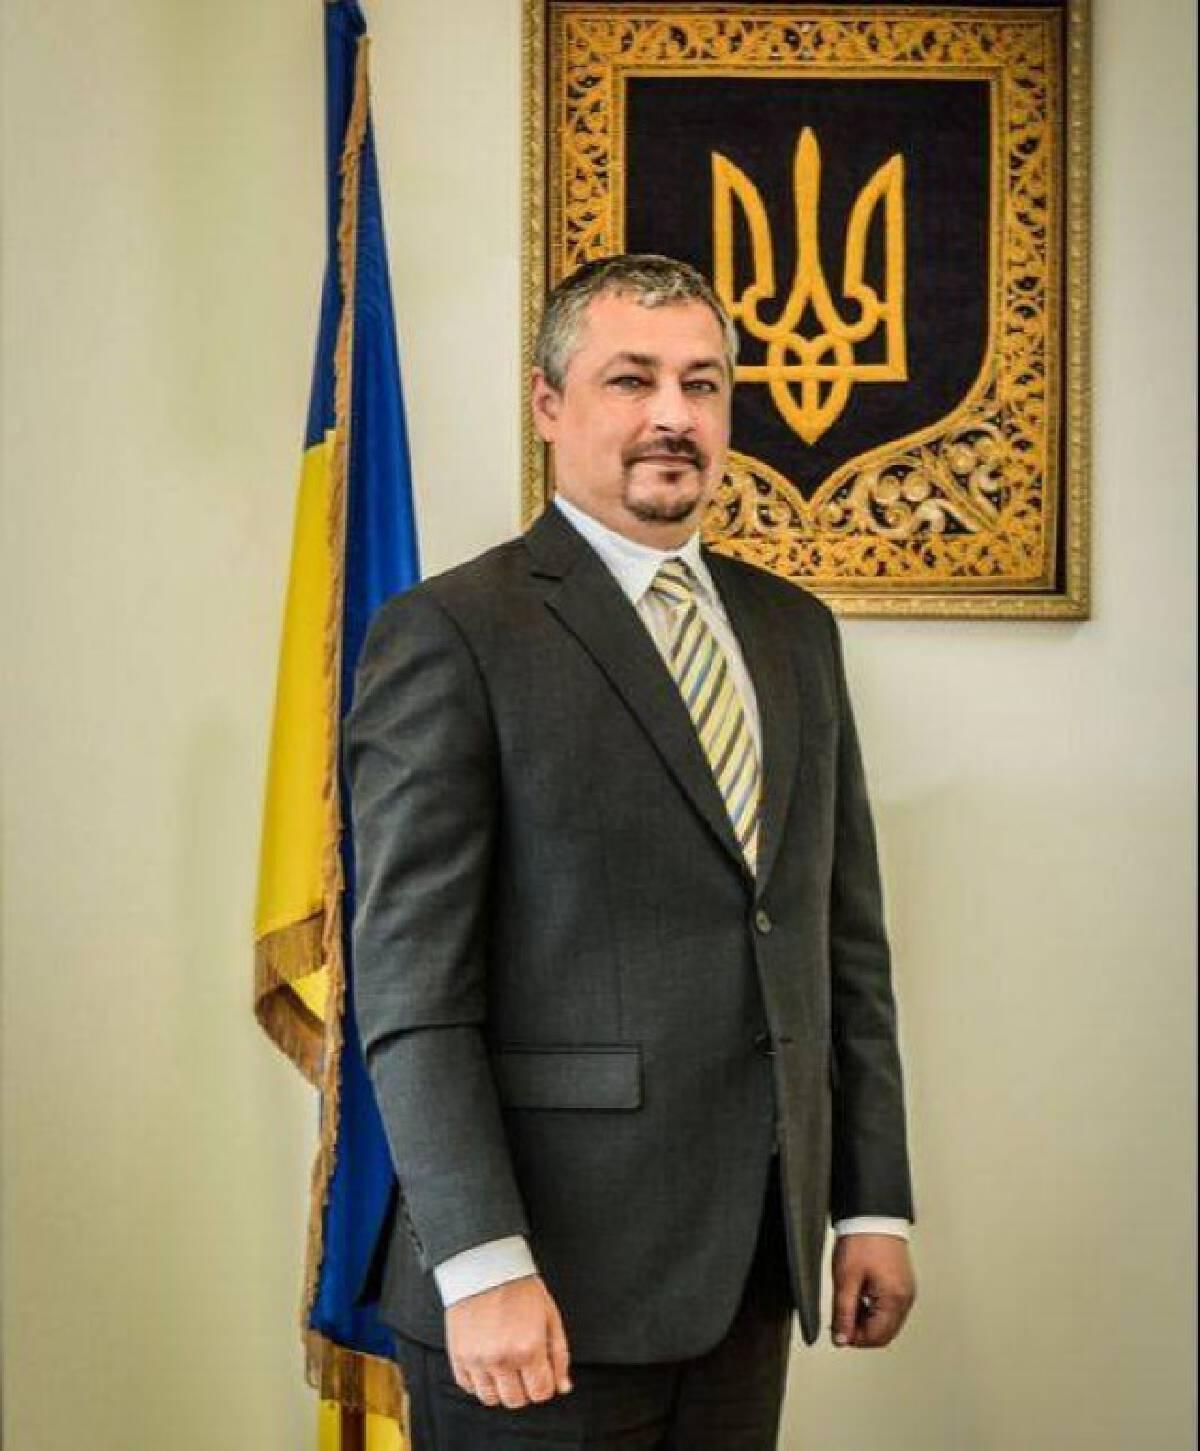 ด่วน!!เอกอัครราชทูตยูเครนเสียชีวิตที่เกาะหลีเป๊ะ